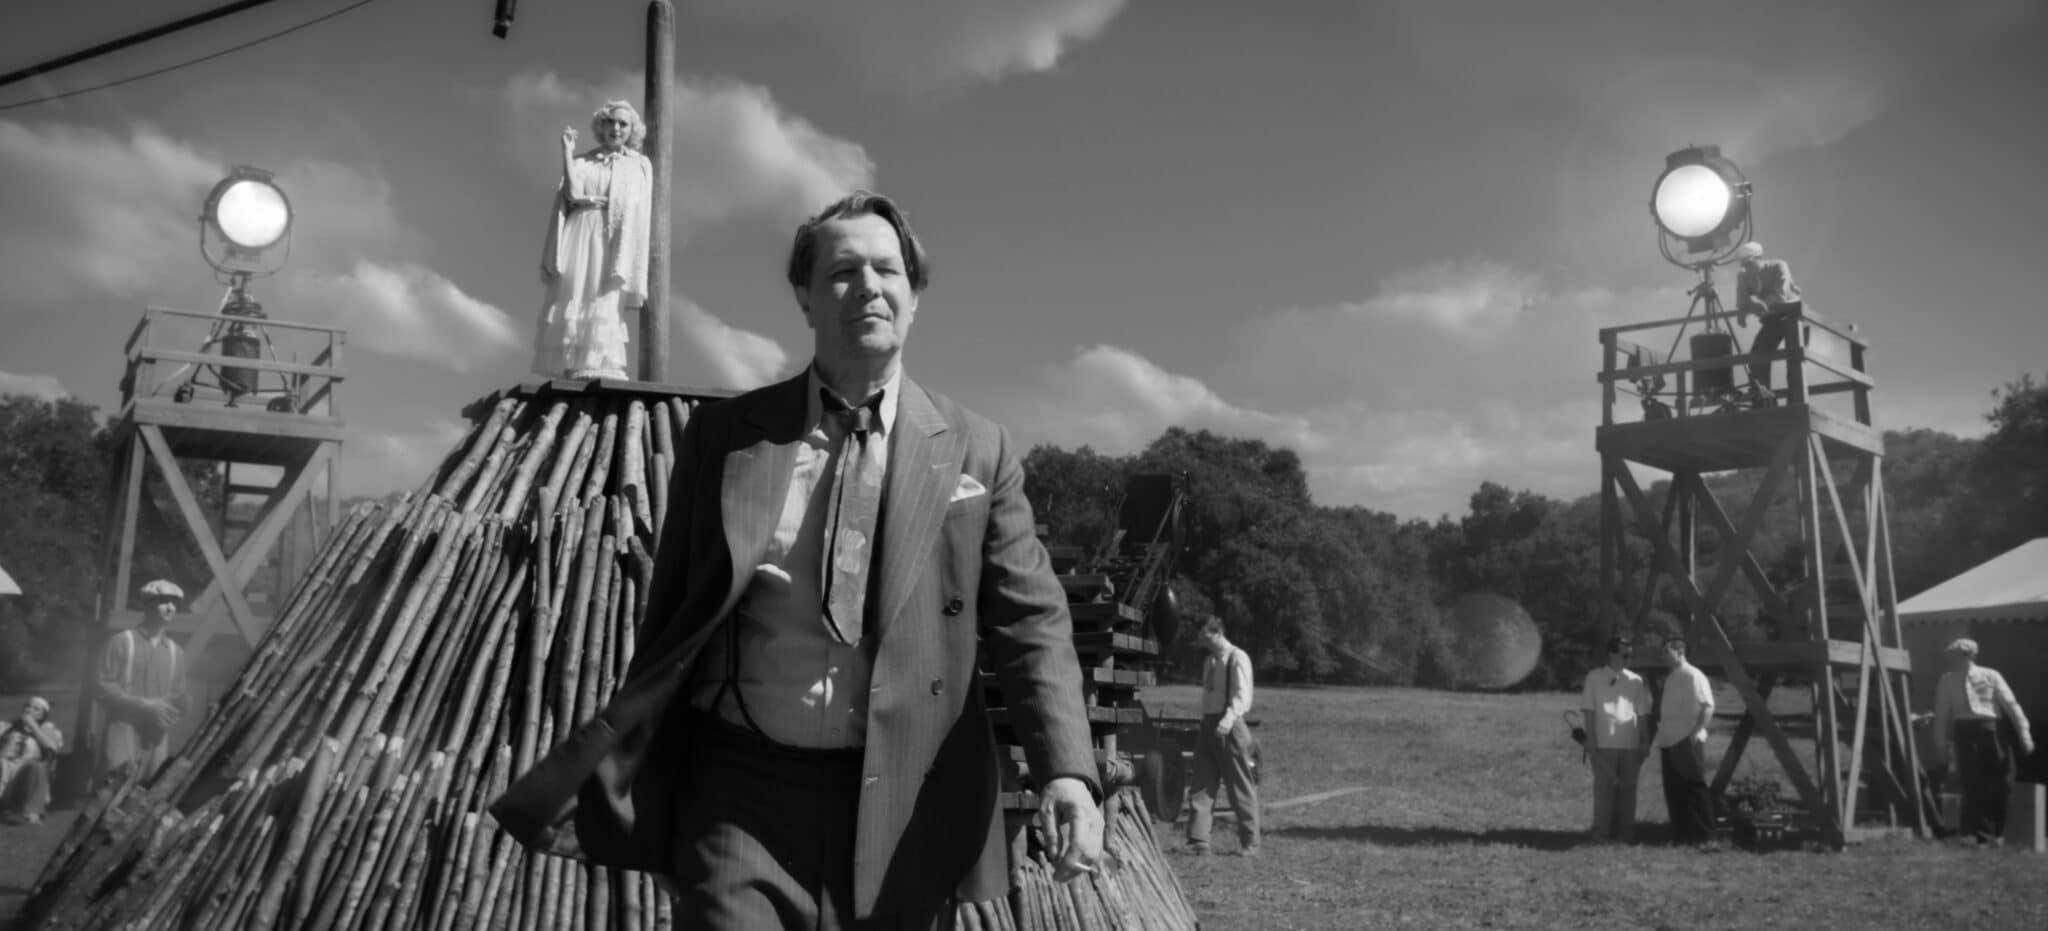 Hermann J. Mankiewicz (Gary Oldman) im Vordergrund vor einem Filmset mit Scheinwerfern und einer aufwendigen Holzkonstruktion auf der eine Dame in weißem Kleid steht.